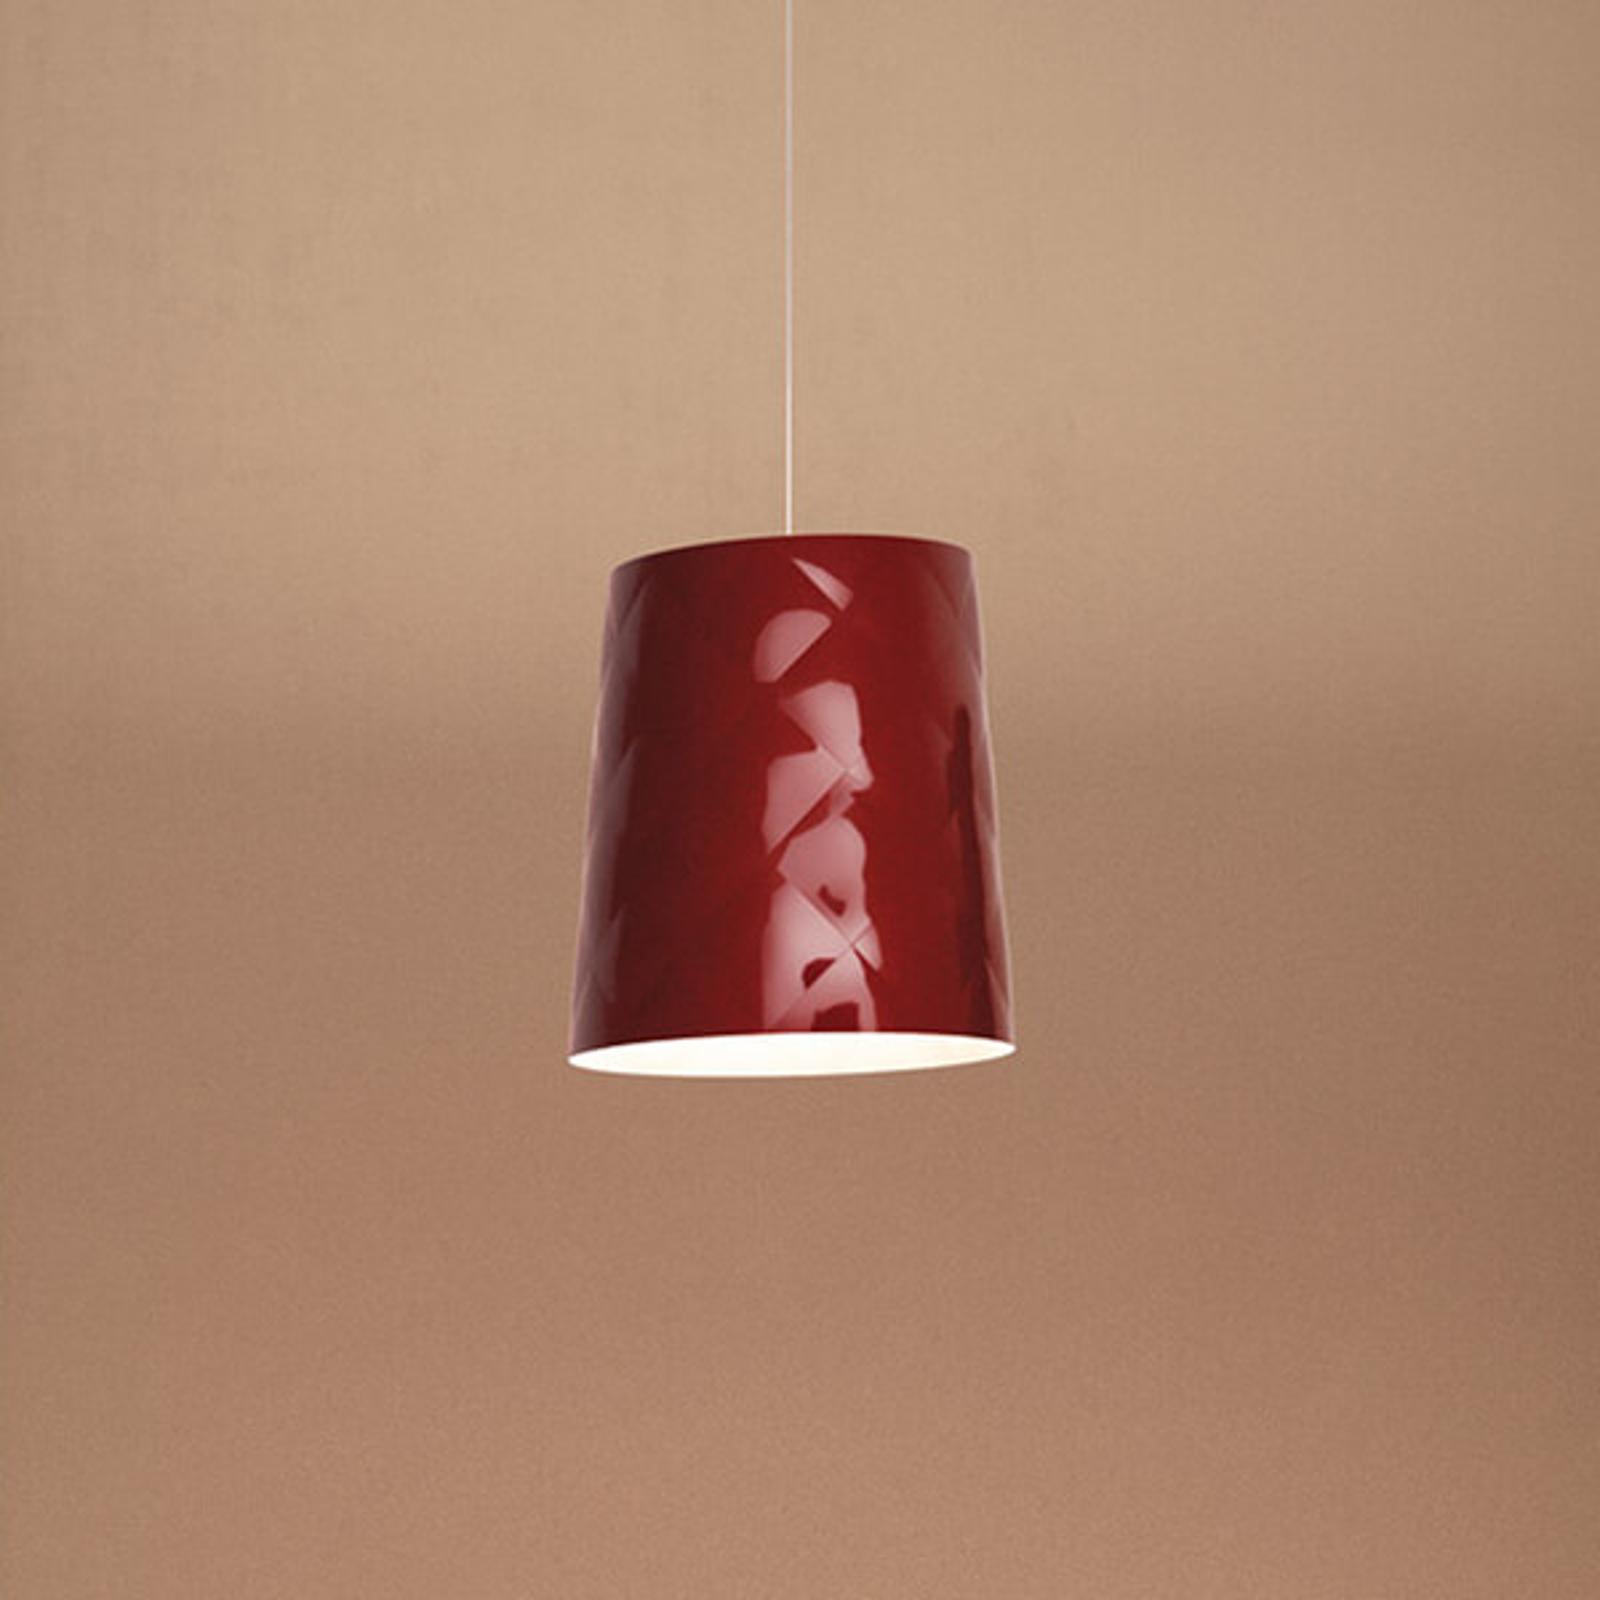 Kundalini New York Hängeleuchte, Ø 33 cm, rot